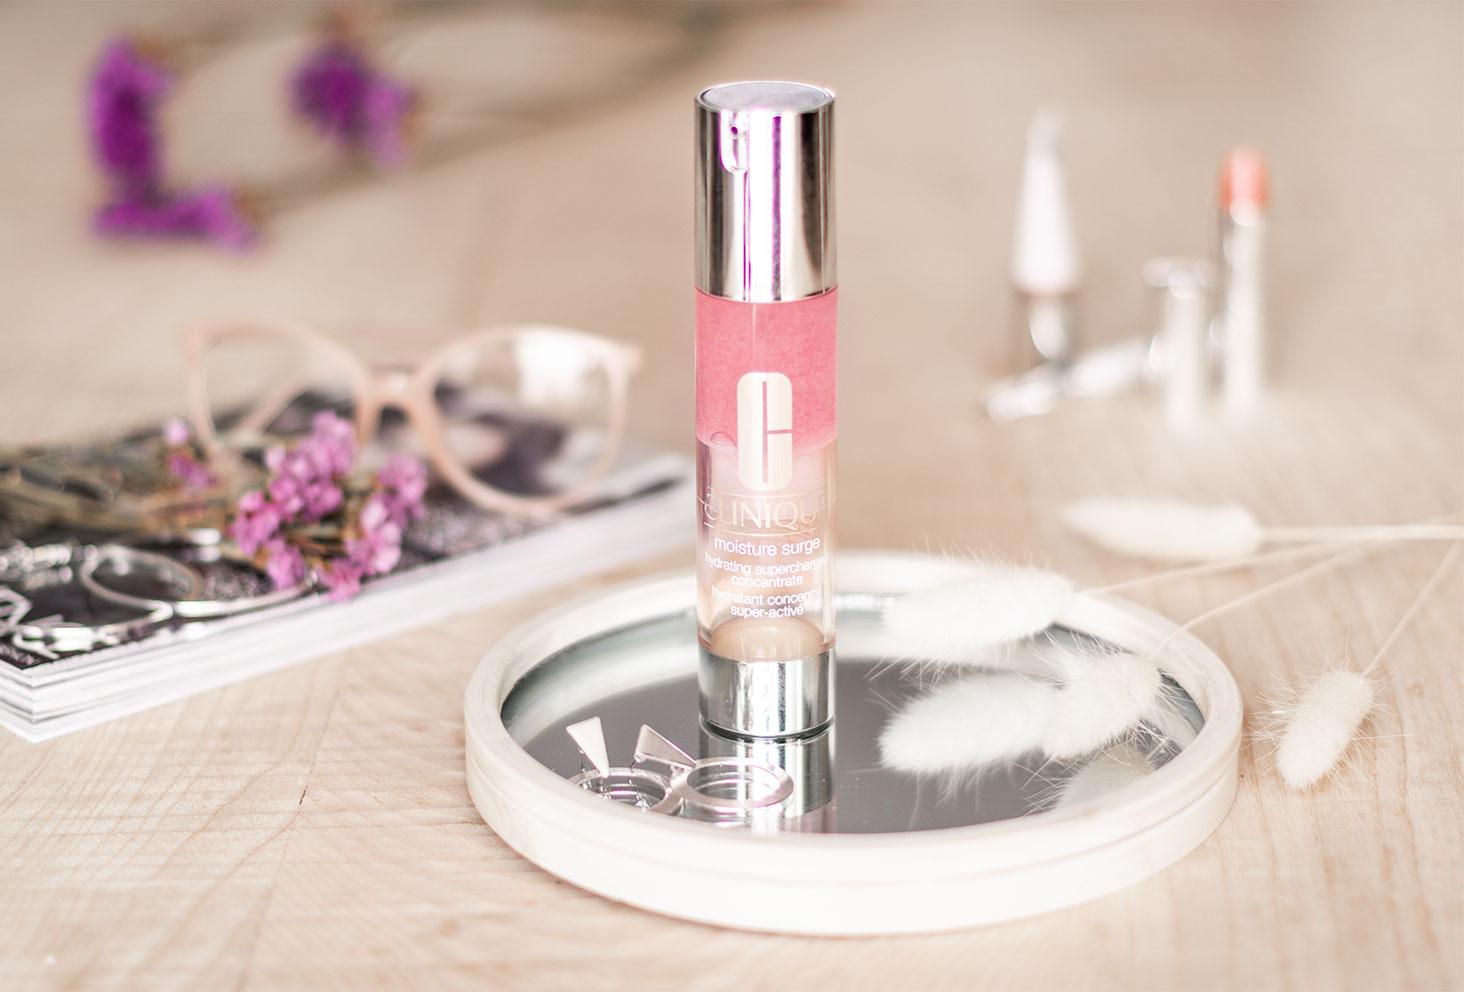 Le produit super hydratant de Clinique sur un miroir, posé sur une table en bois devant un magazine, au milieu de fleurs séchées